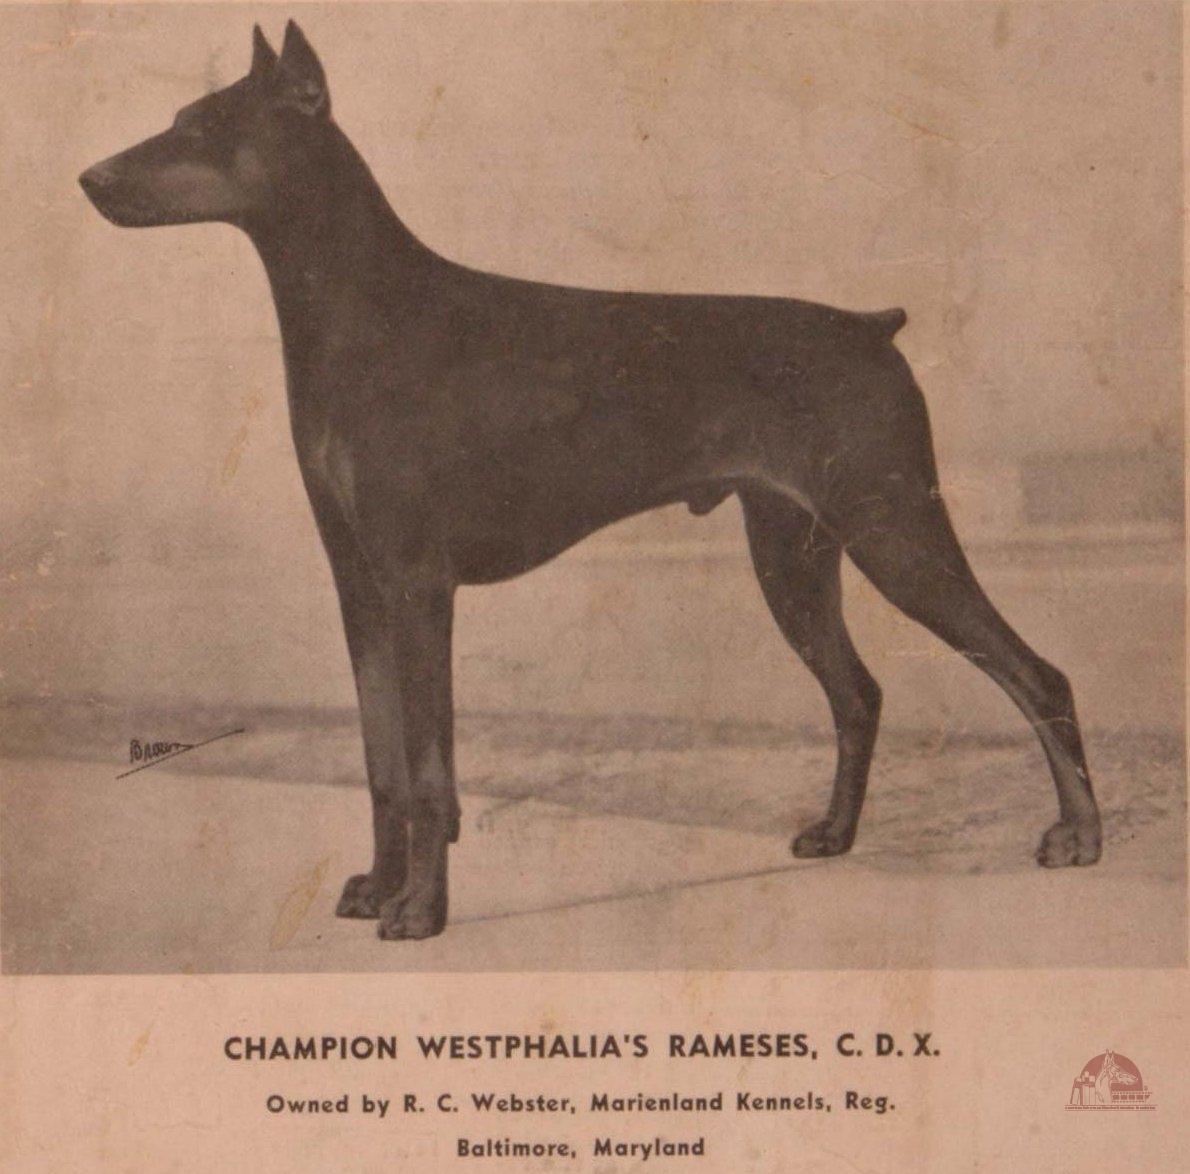 Westphalia's Ramses